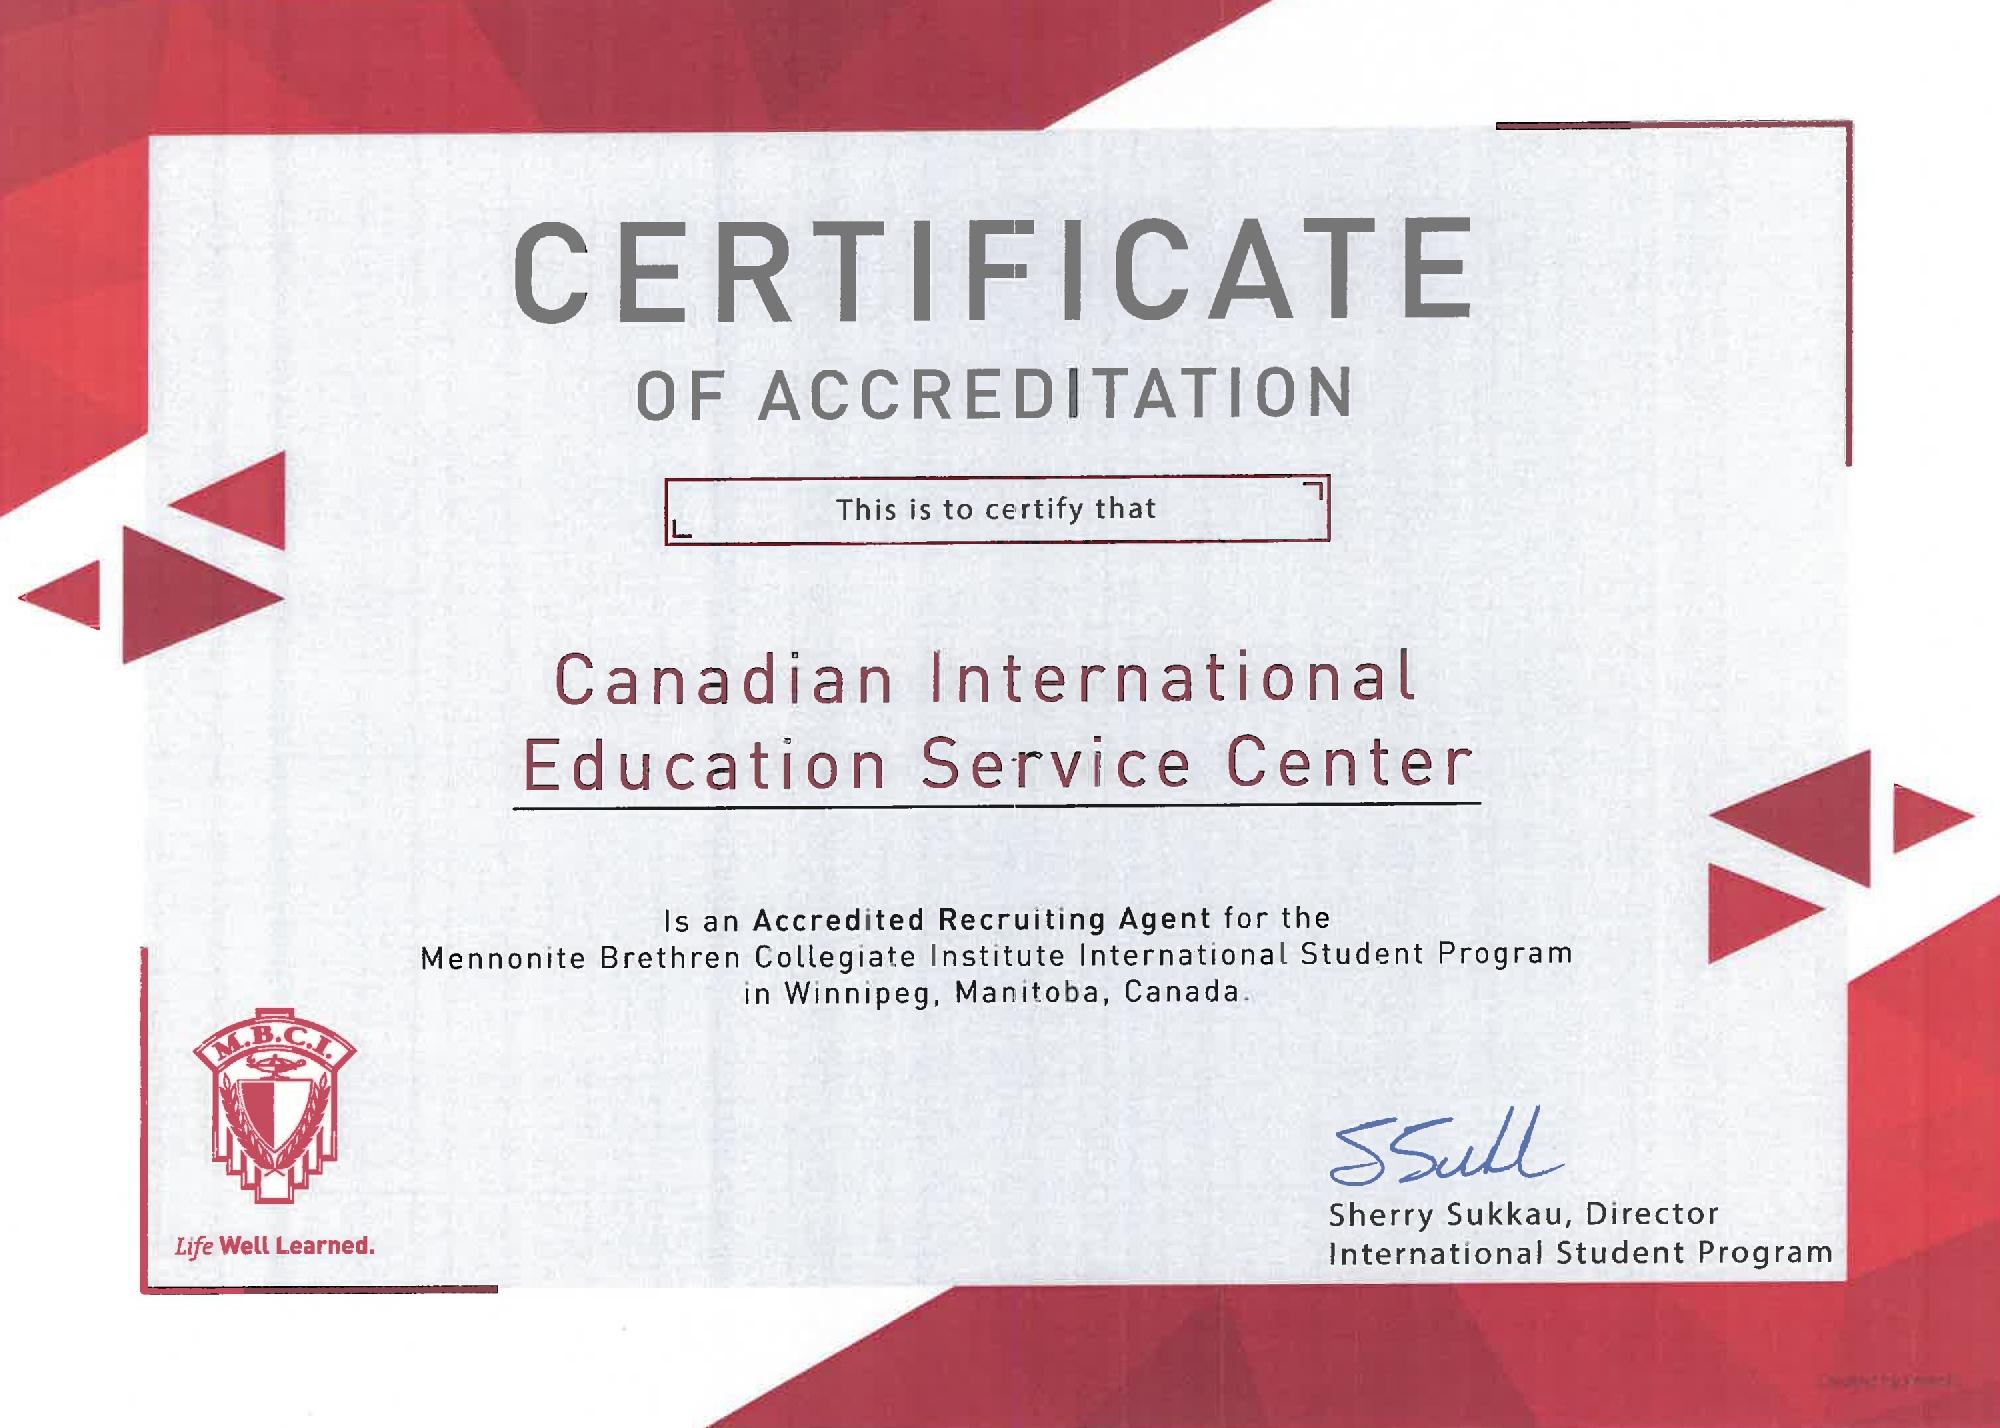 mbci certificate